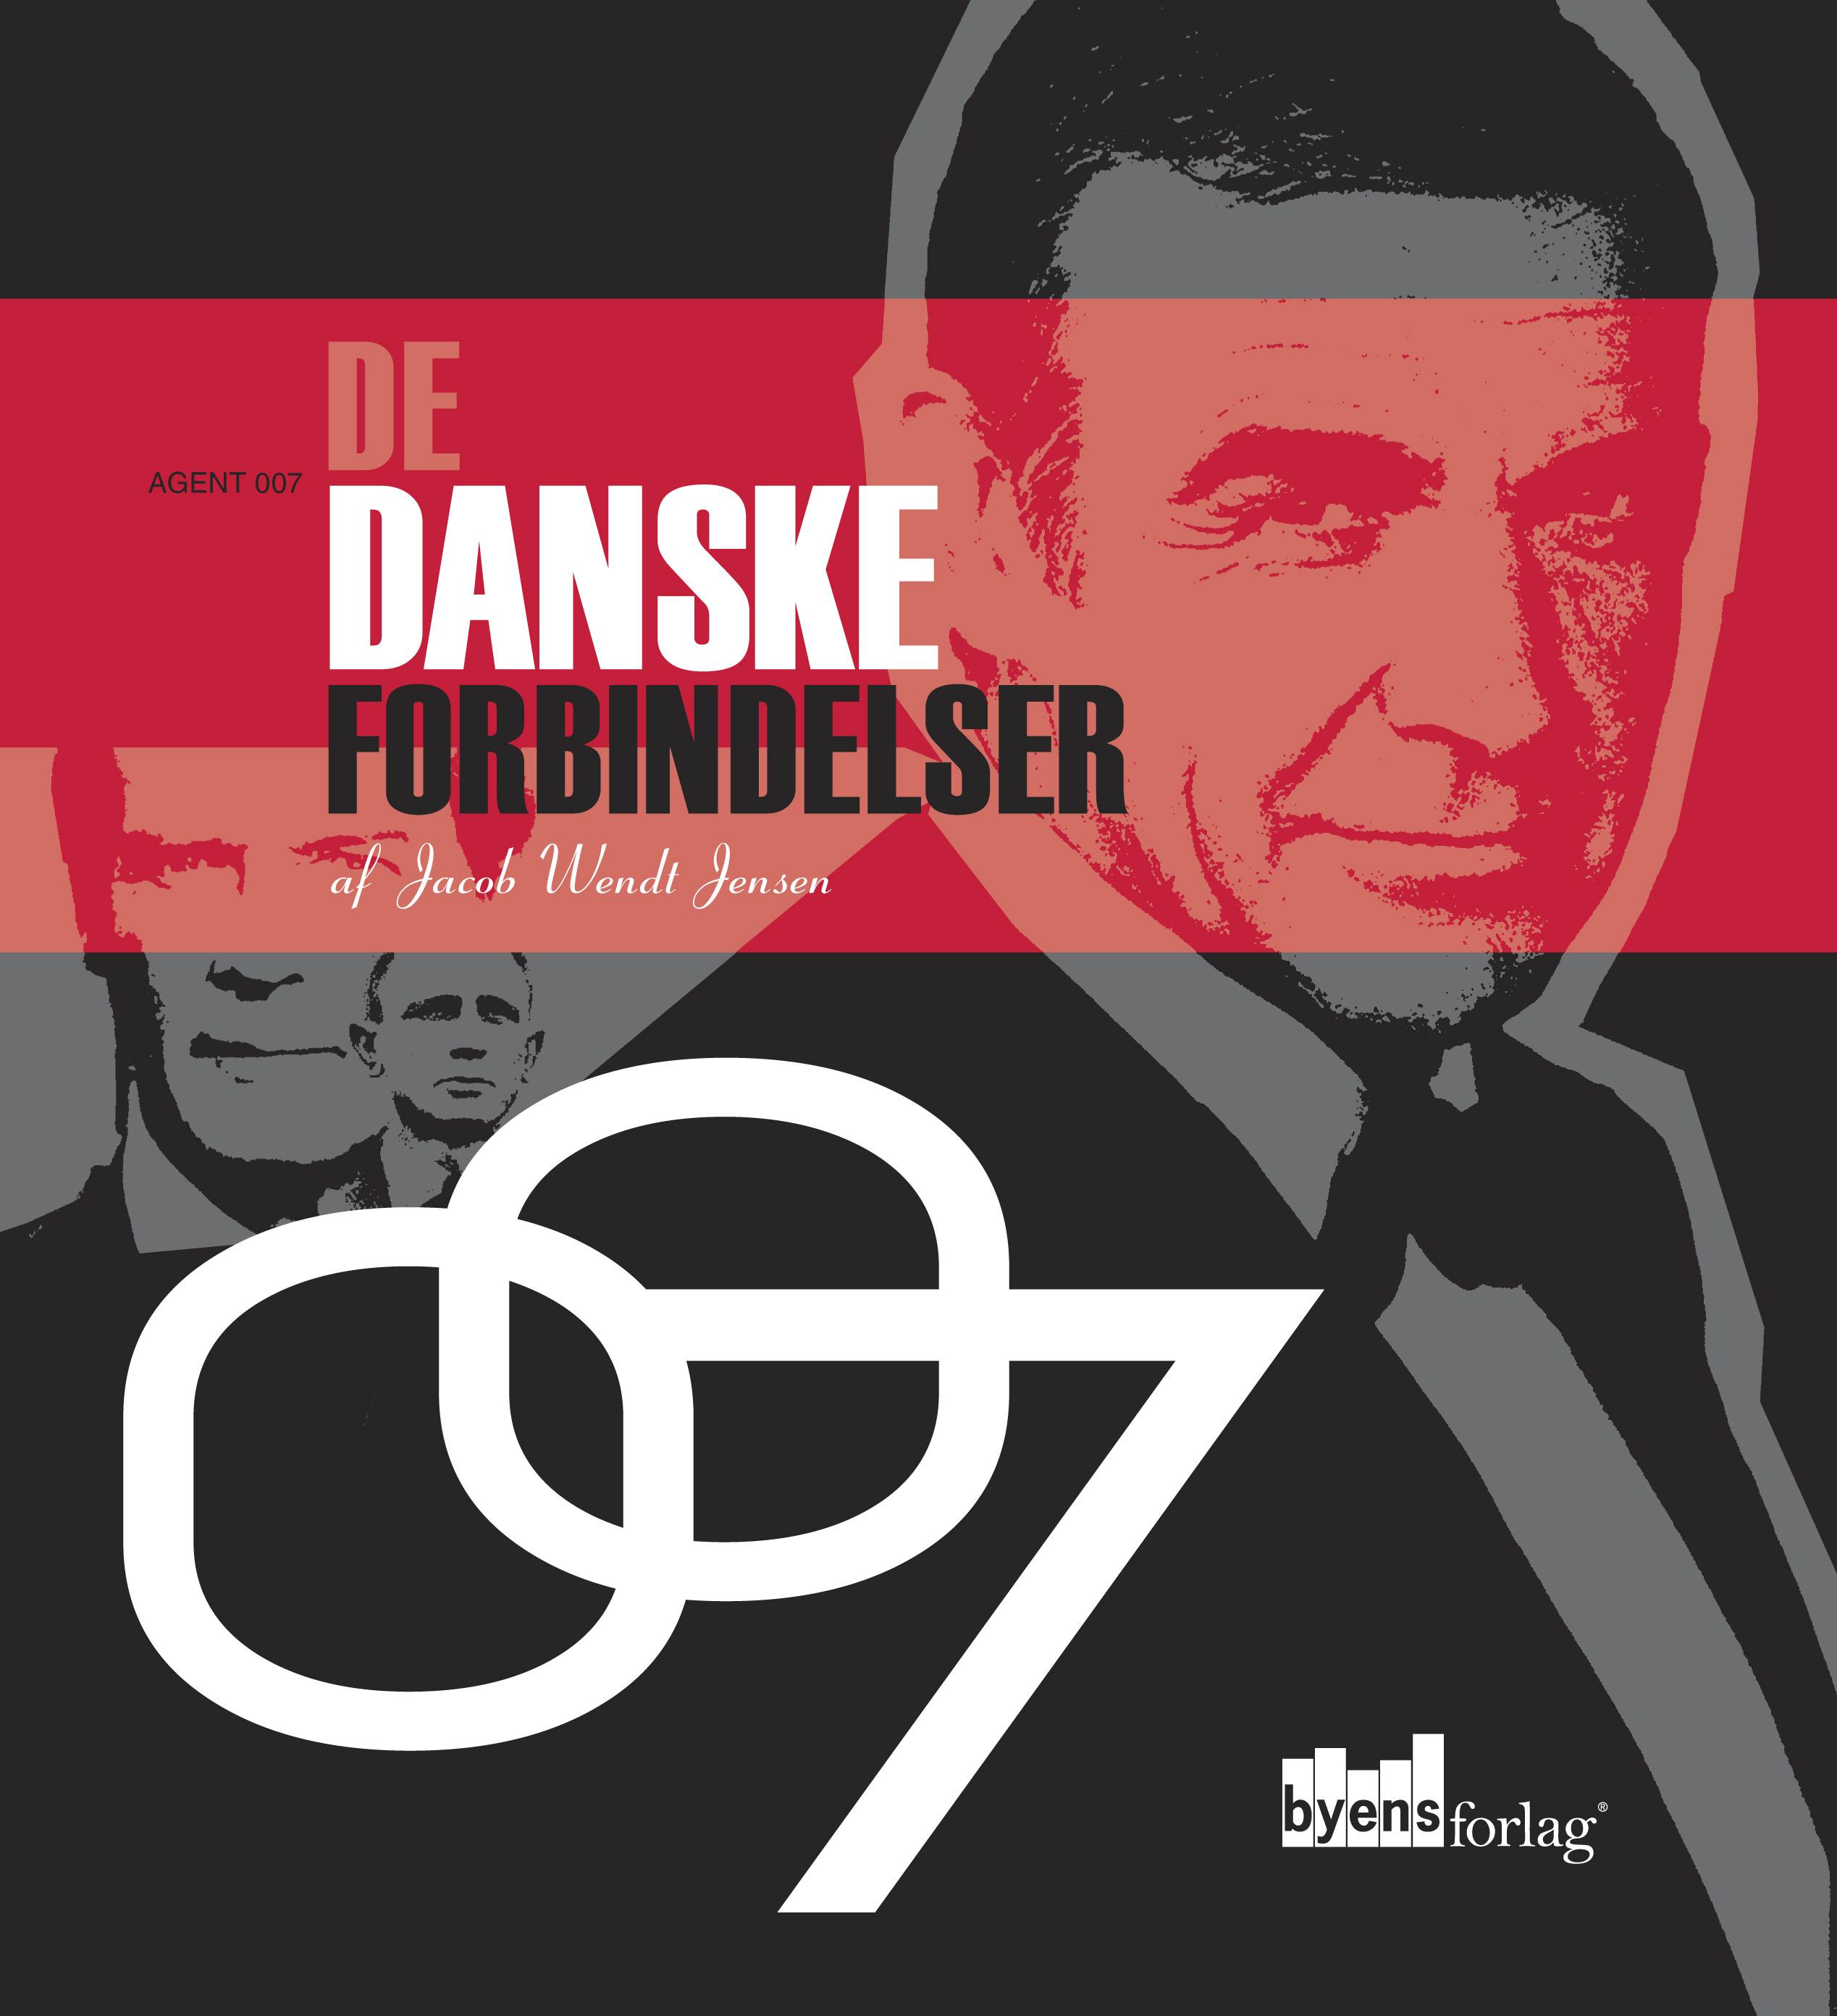 Agent 007 De danske forbindelser (2012)